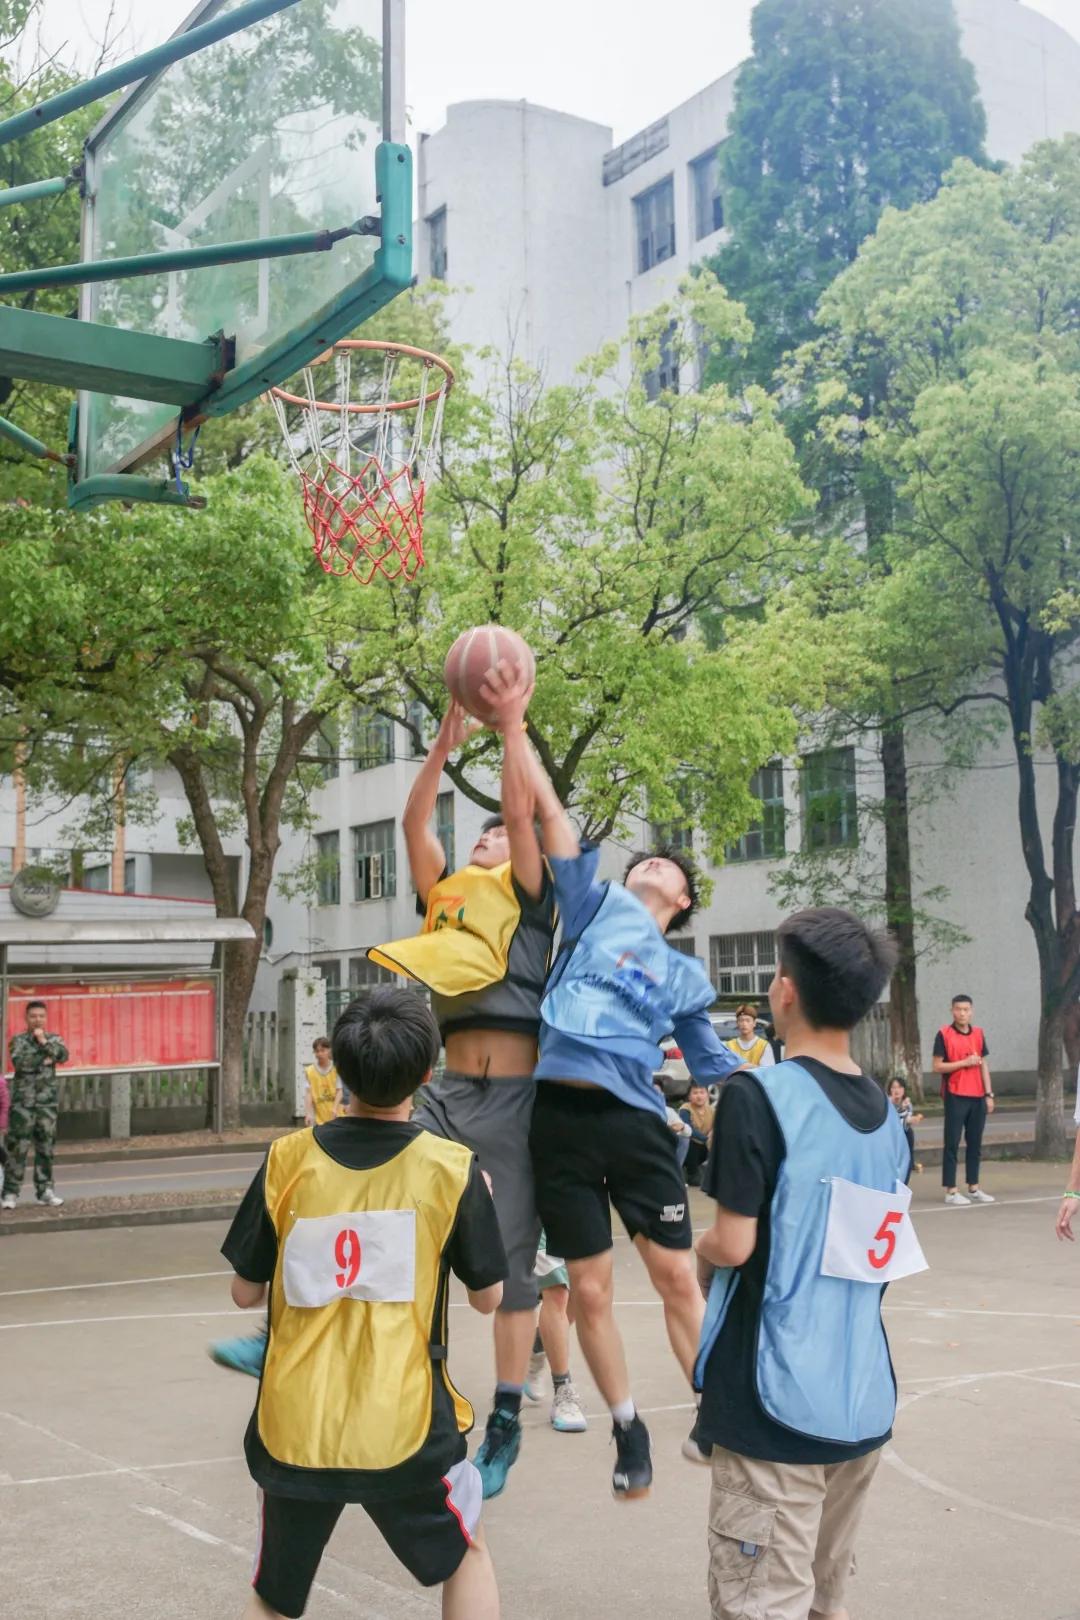 中科韬睿篮球友谊赛丨热血球场,不负青春